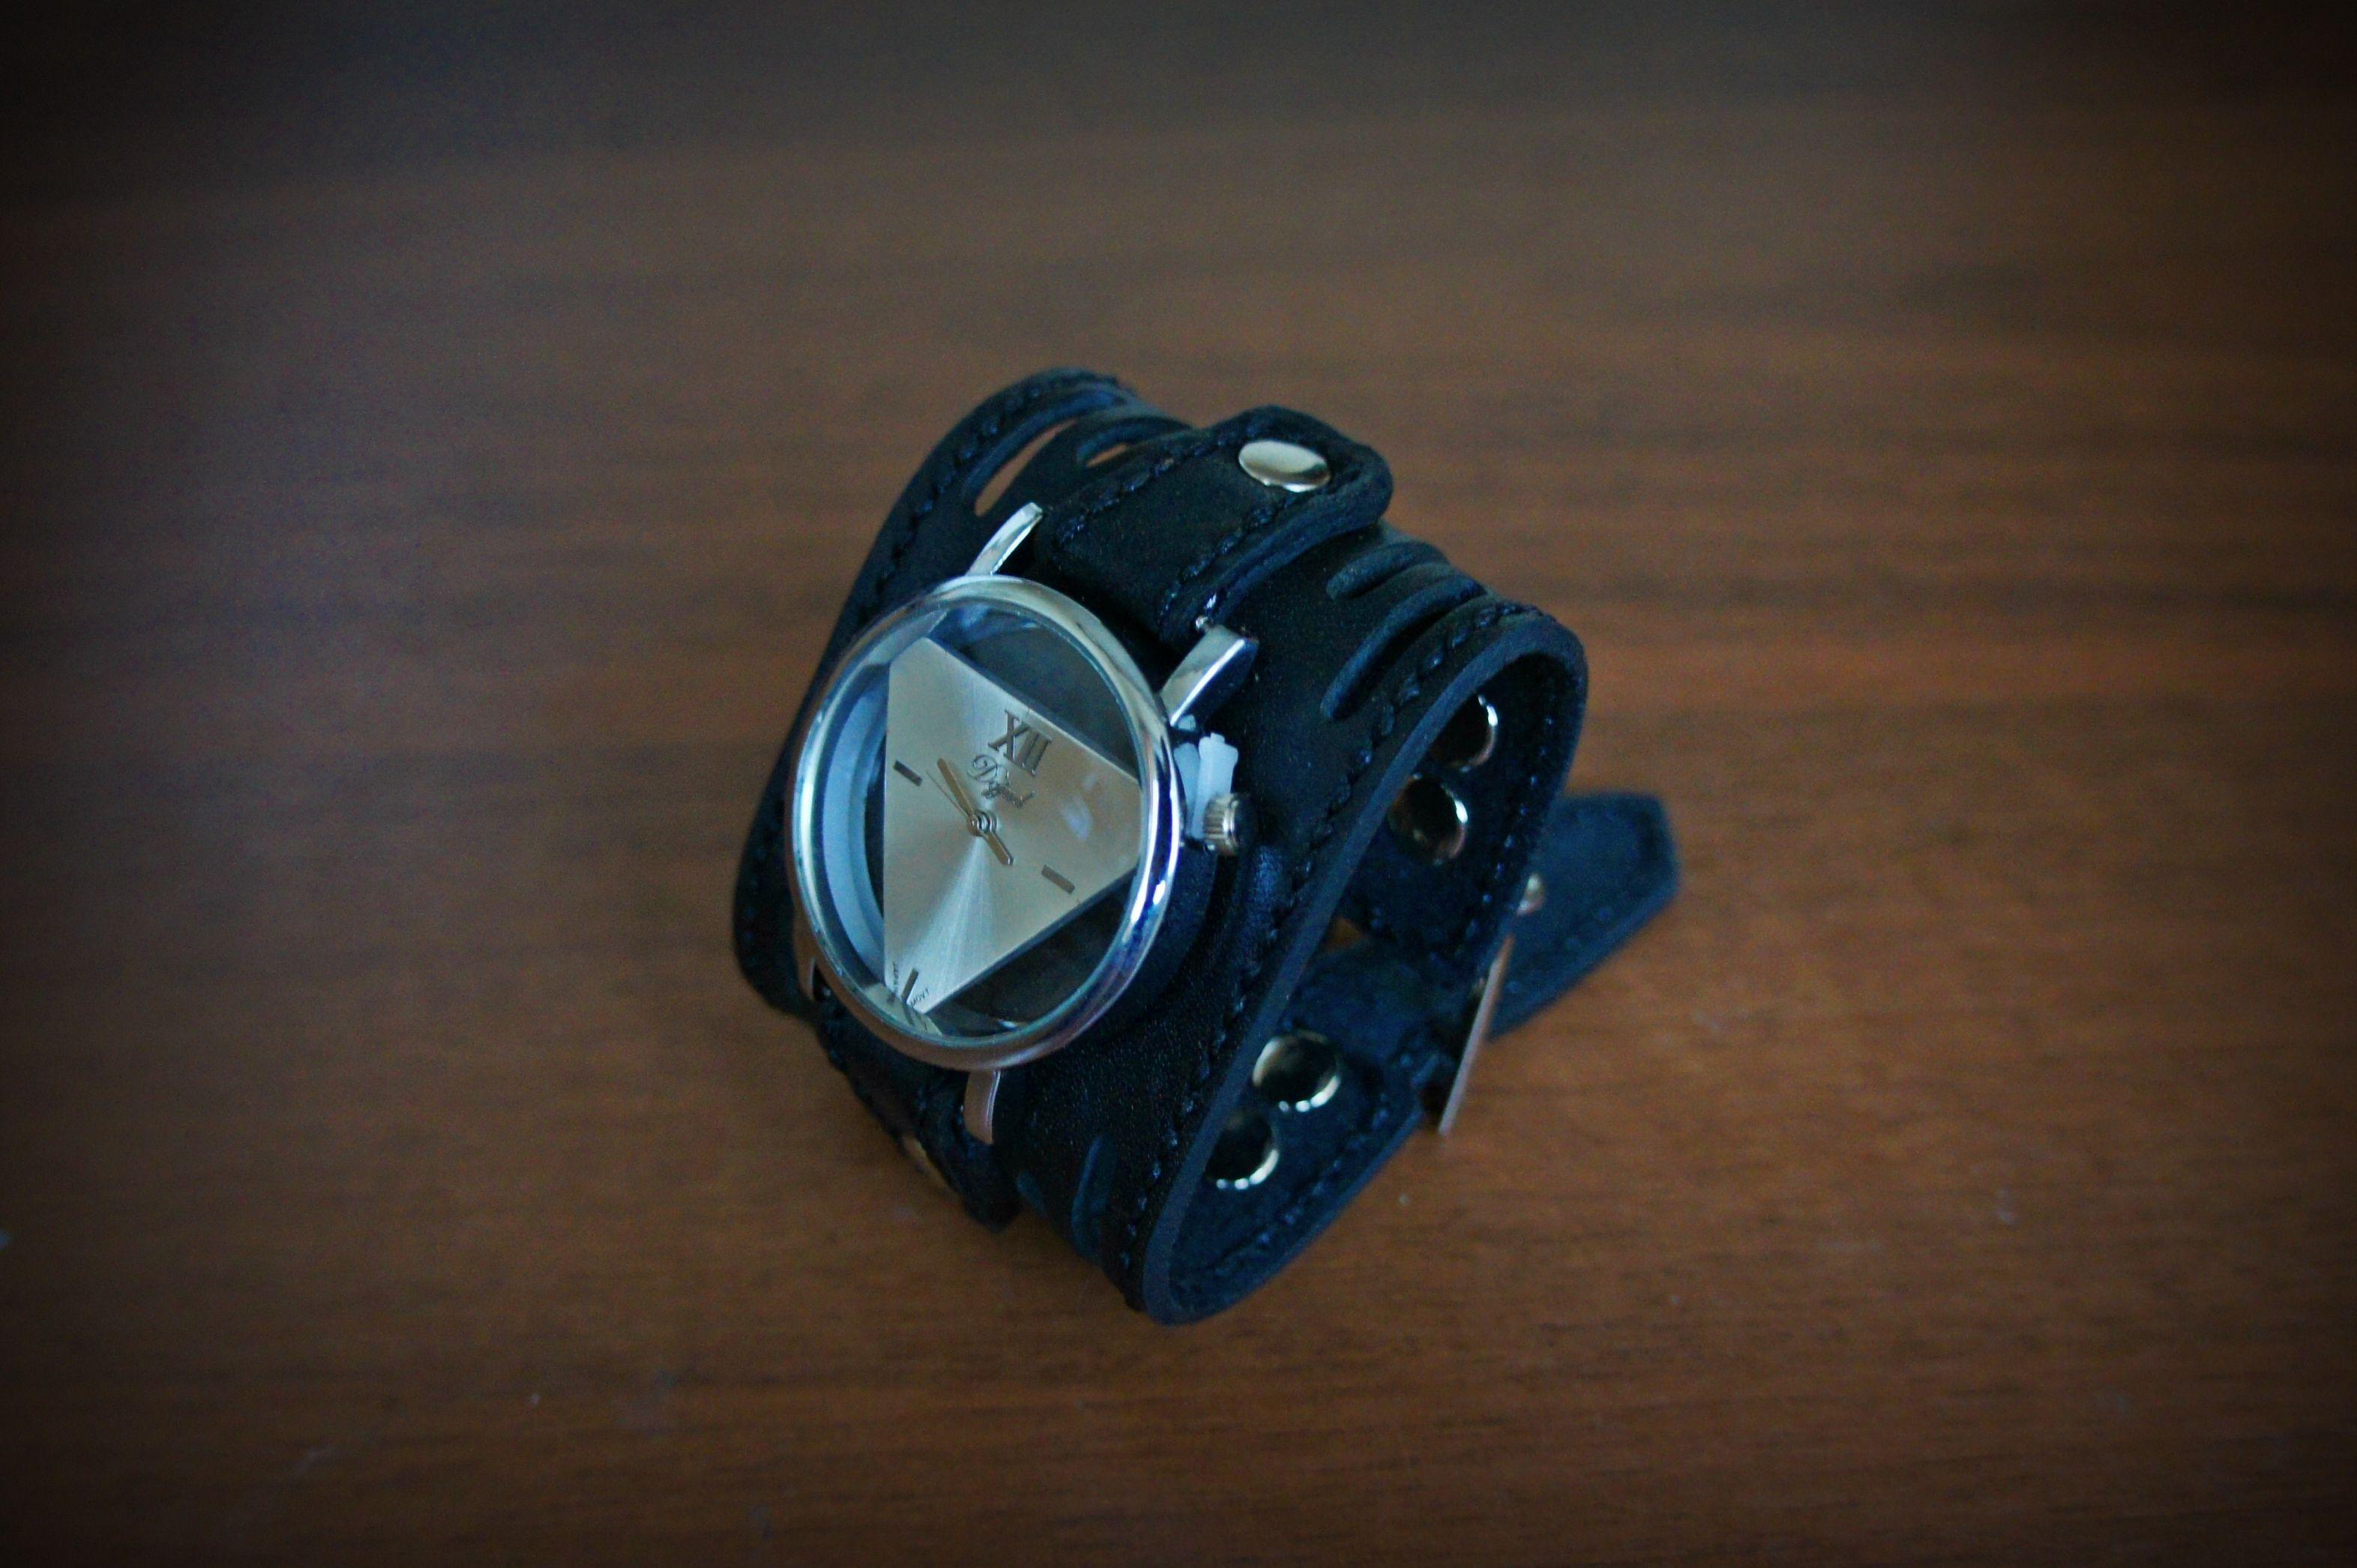 ручнаяработа кожа подарокдевуке наручныечасыженские часынаширокомбраслете часынаручныекупить аксессуары часовоймеханизм часыручнойработы часынаширокомремешке браслетизкожи handmade часы натуральнаякожа